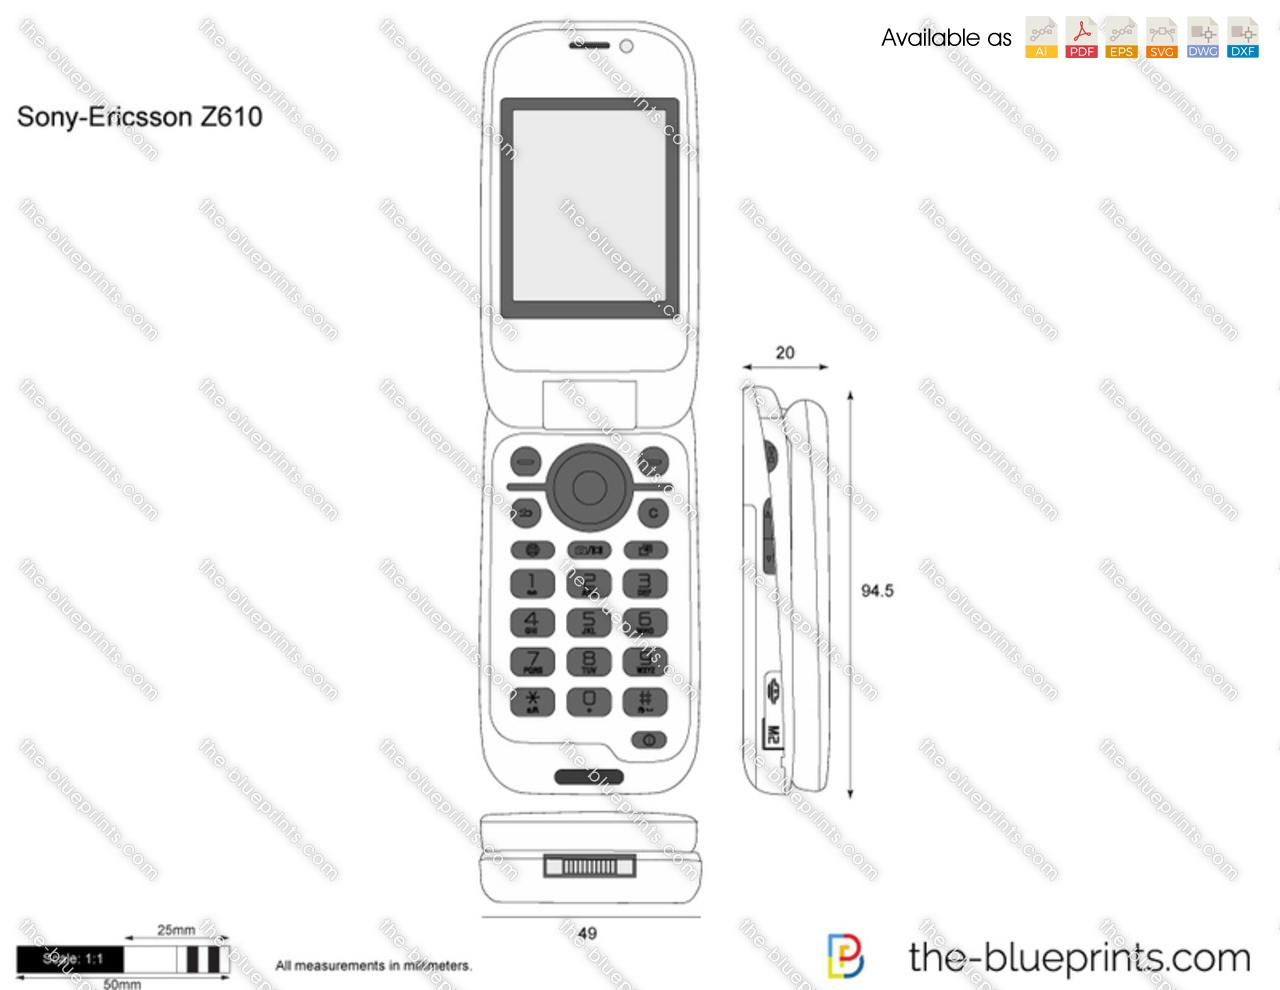 Sony-Ericsson Z610